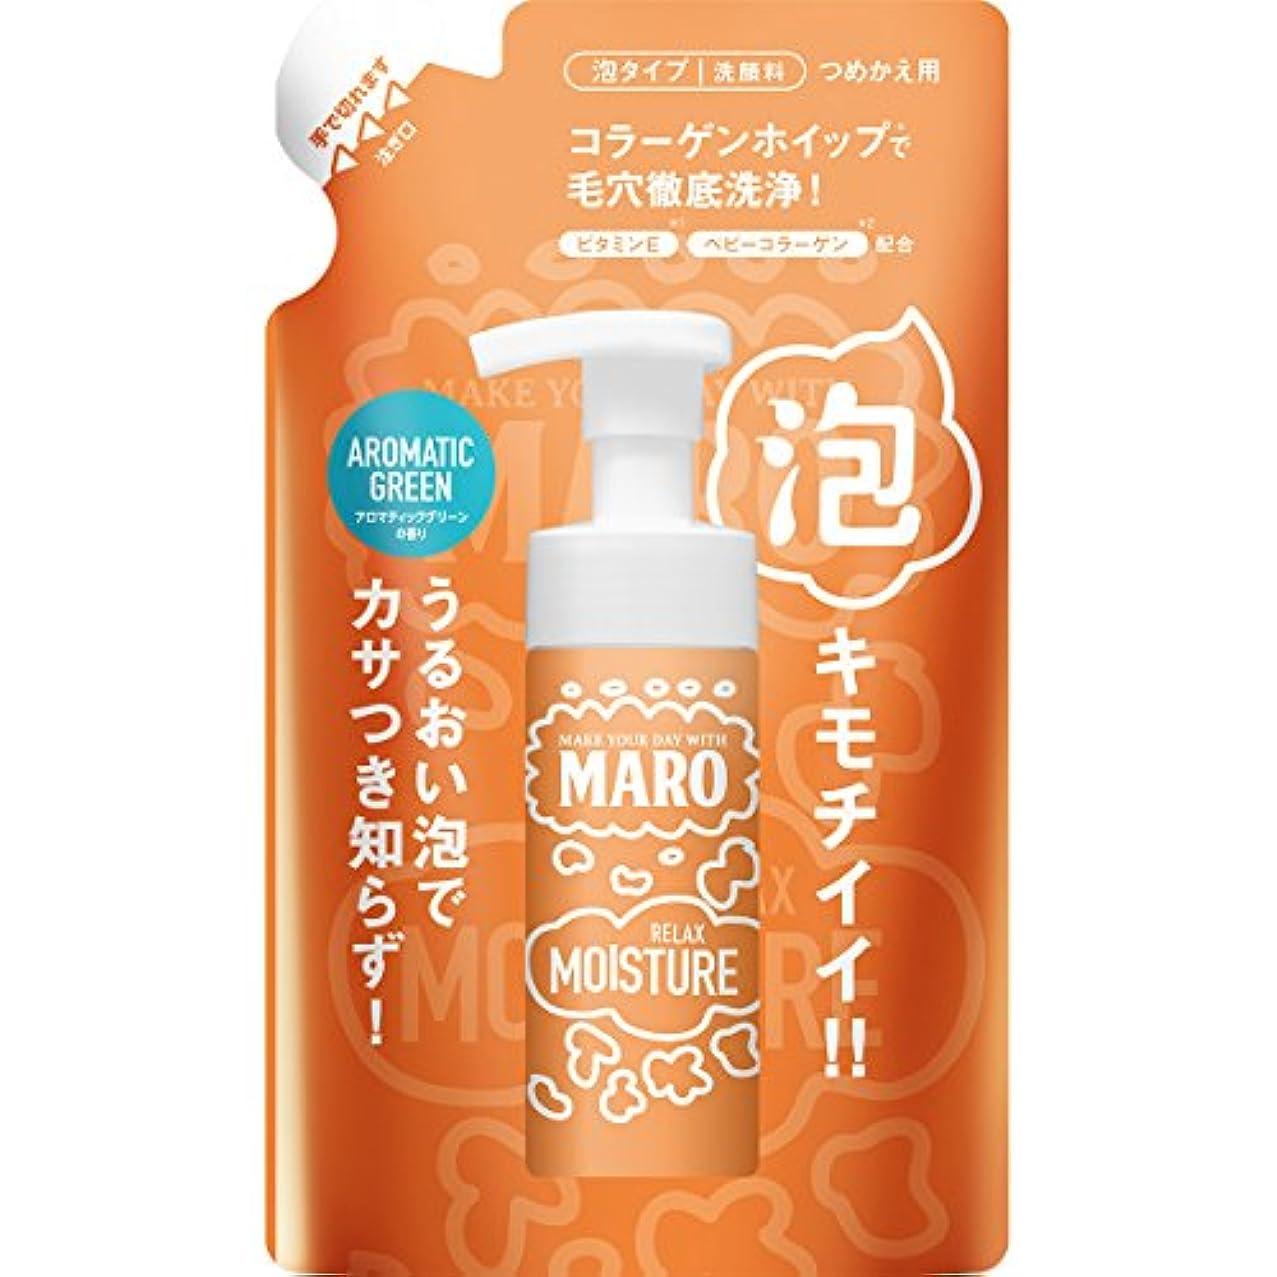 誇張する口述する男性MARO グルーヴィー 泡洗顔 詰め替え リラックスモイスチャー 130ml